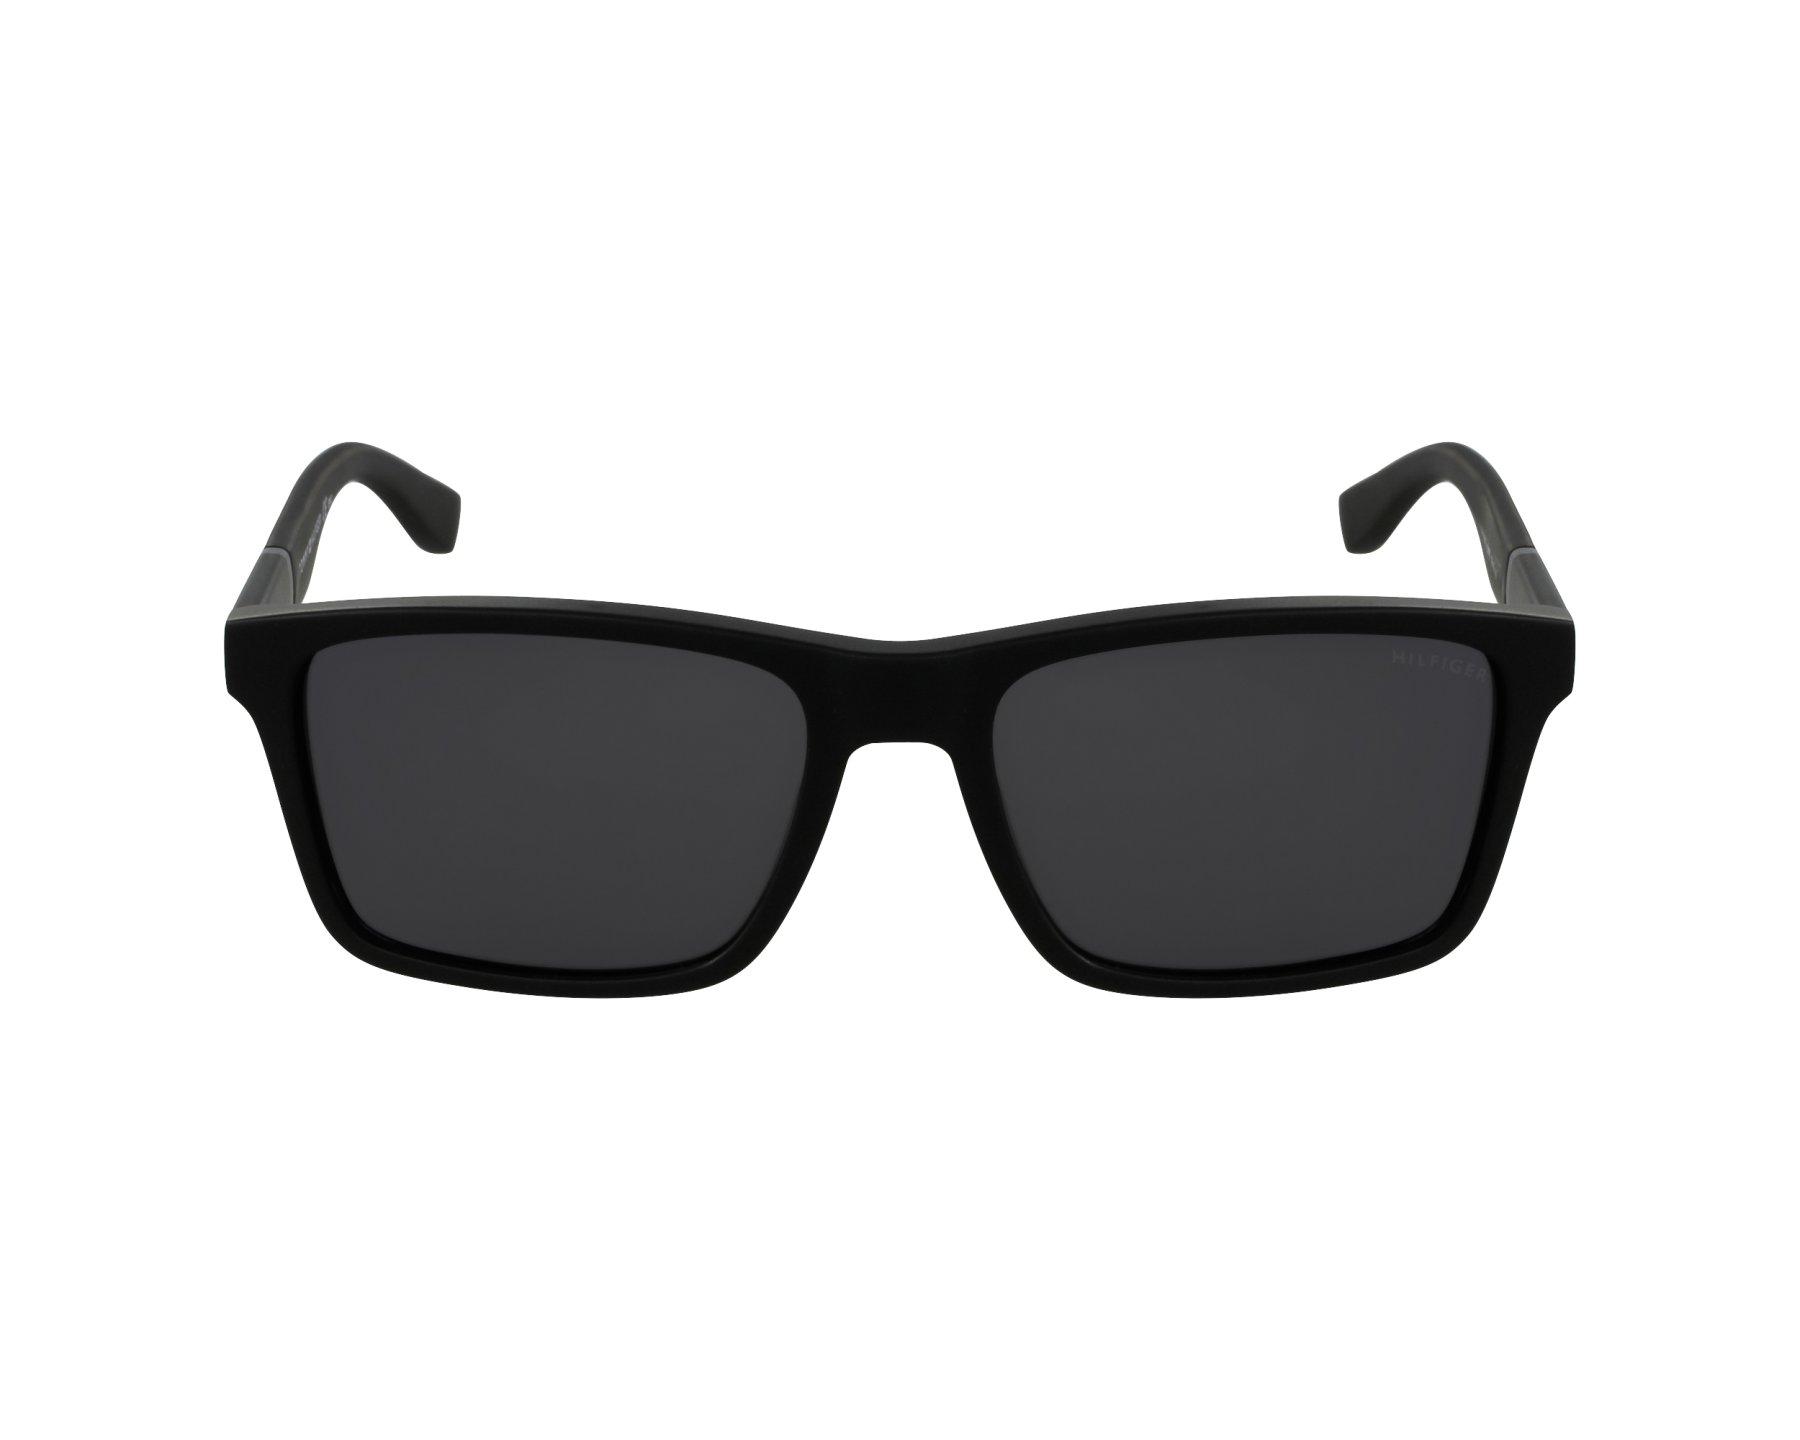 d0ef46d8053e Sunglasses Tommy Hilfiger TH-1405-S KUN/P9 56-18 Black profile